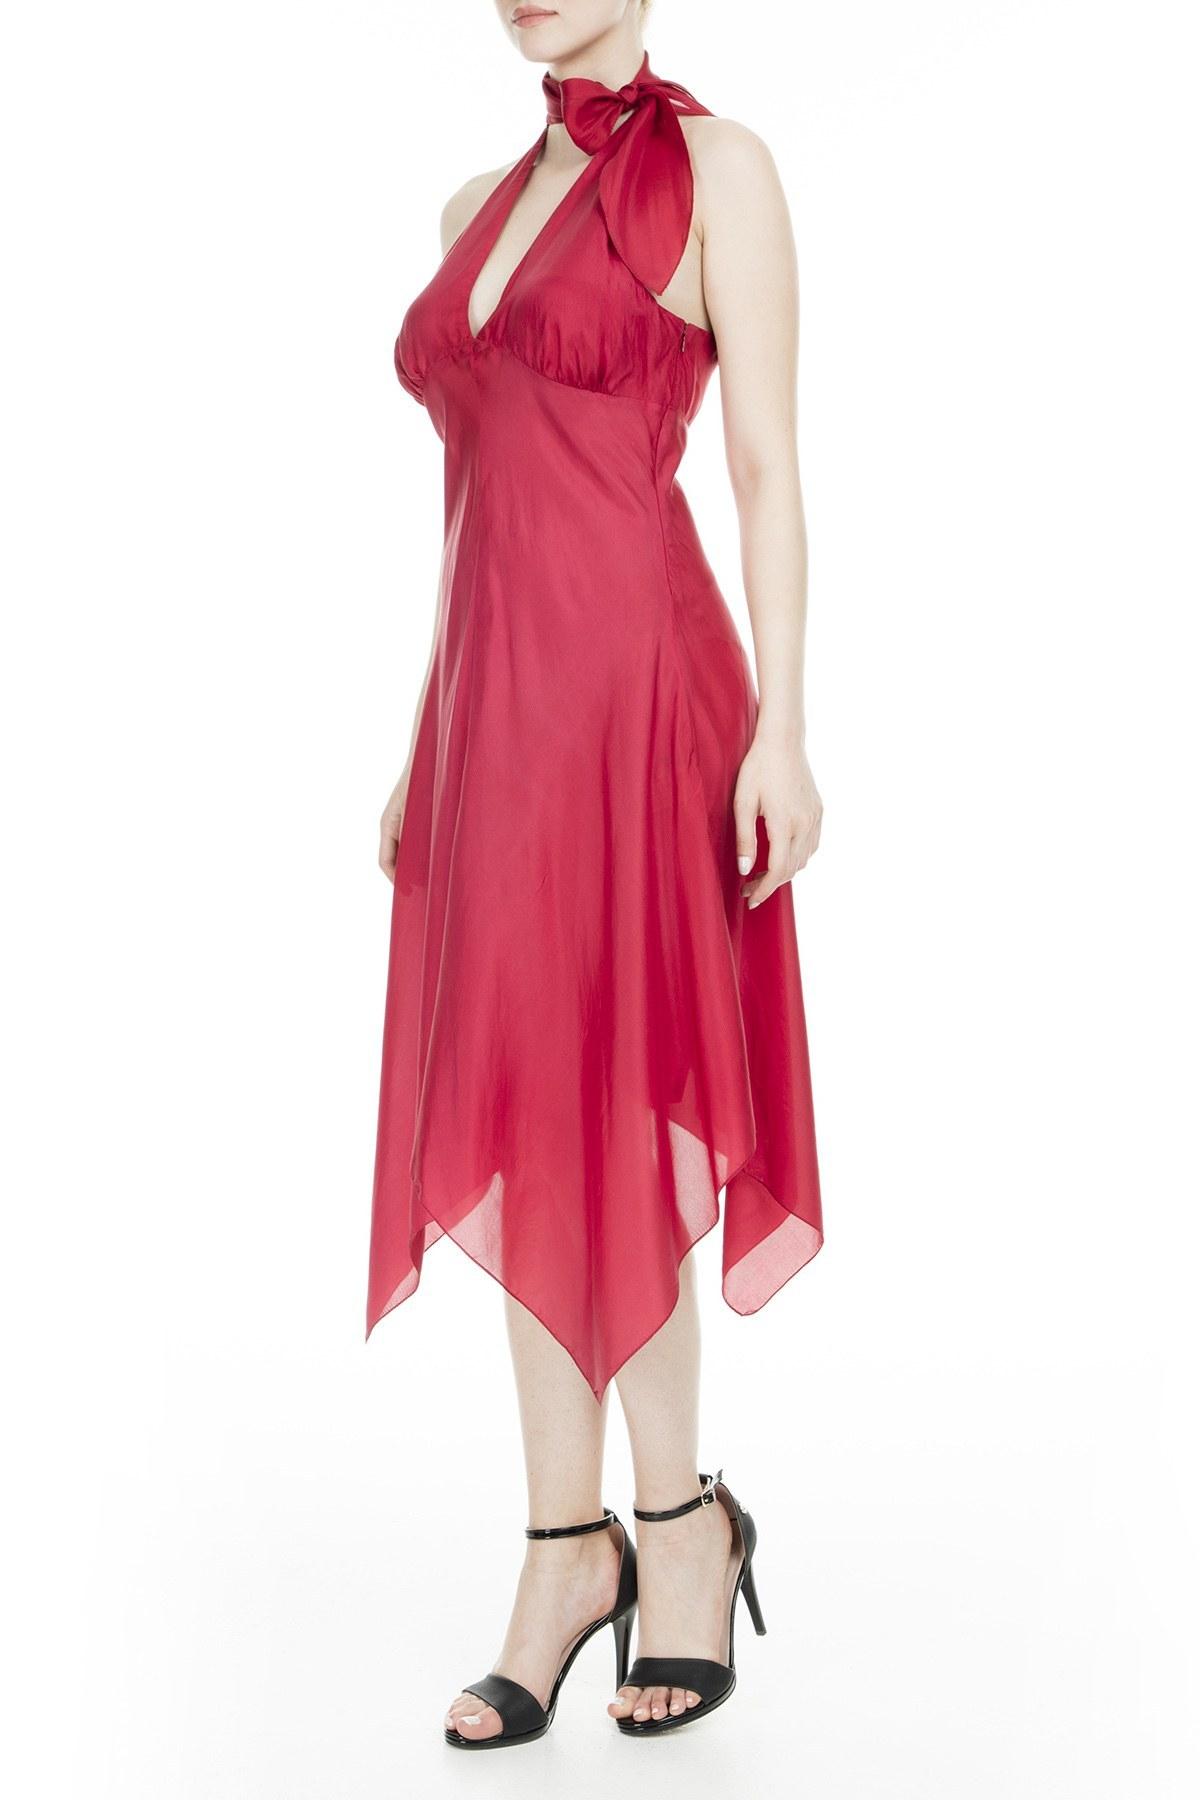 Armani Kadın Elbise ZOX C5A06HU BORDO